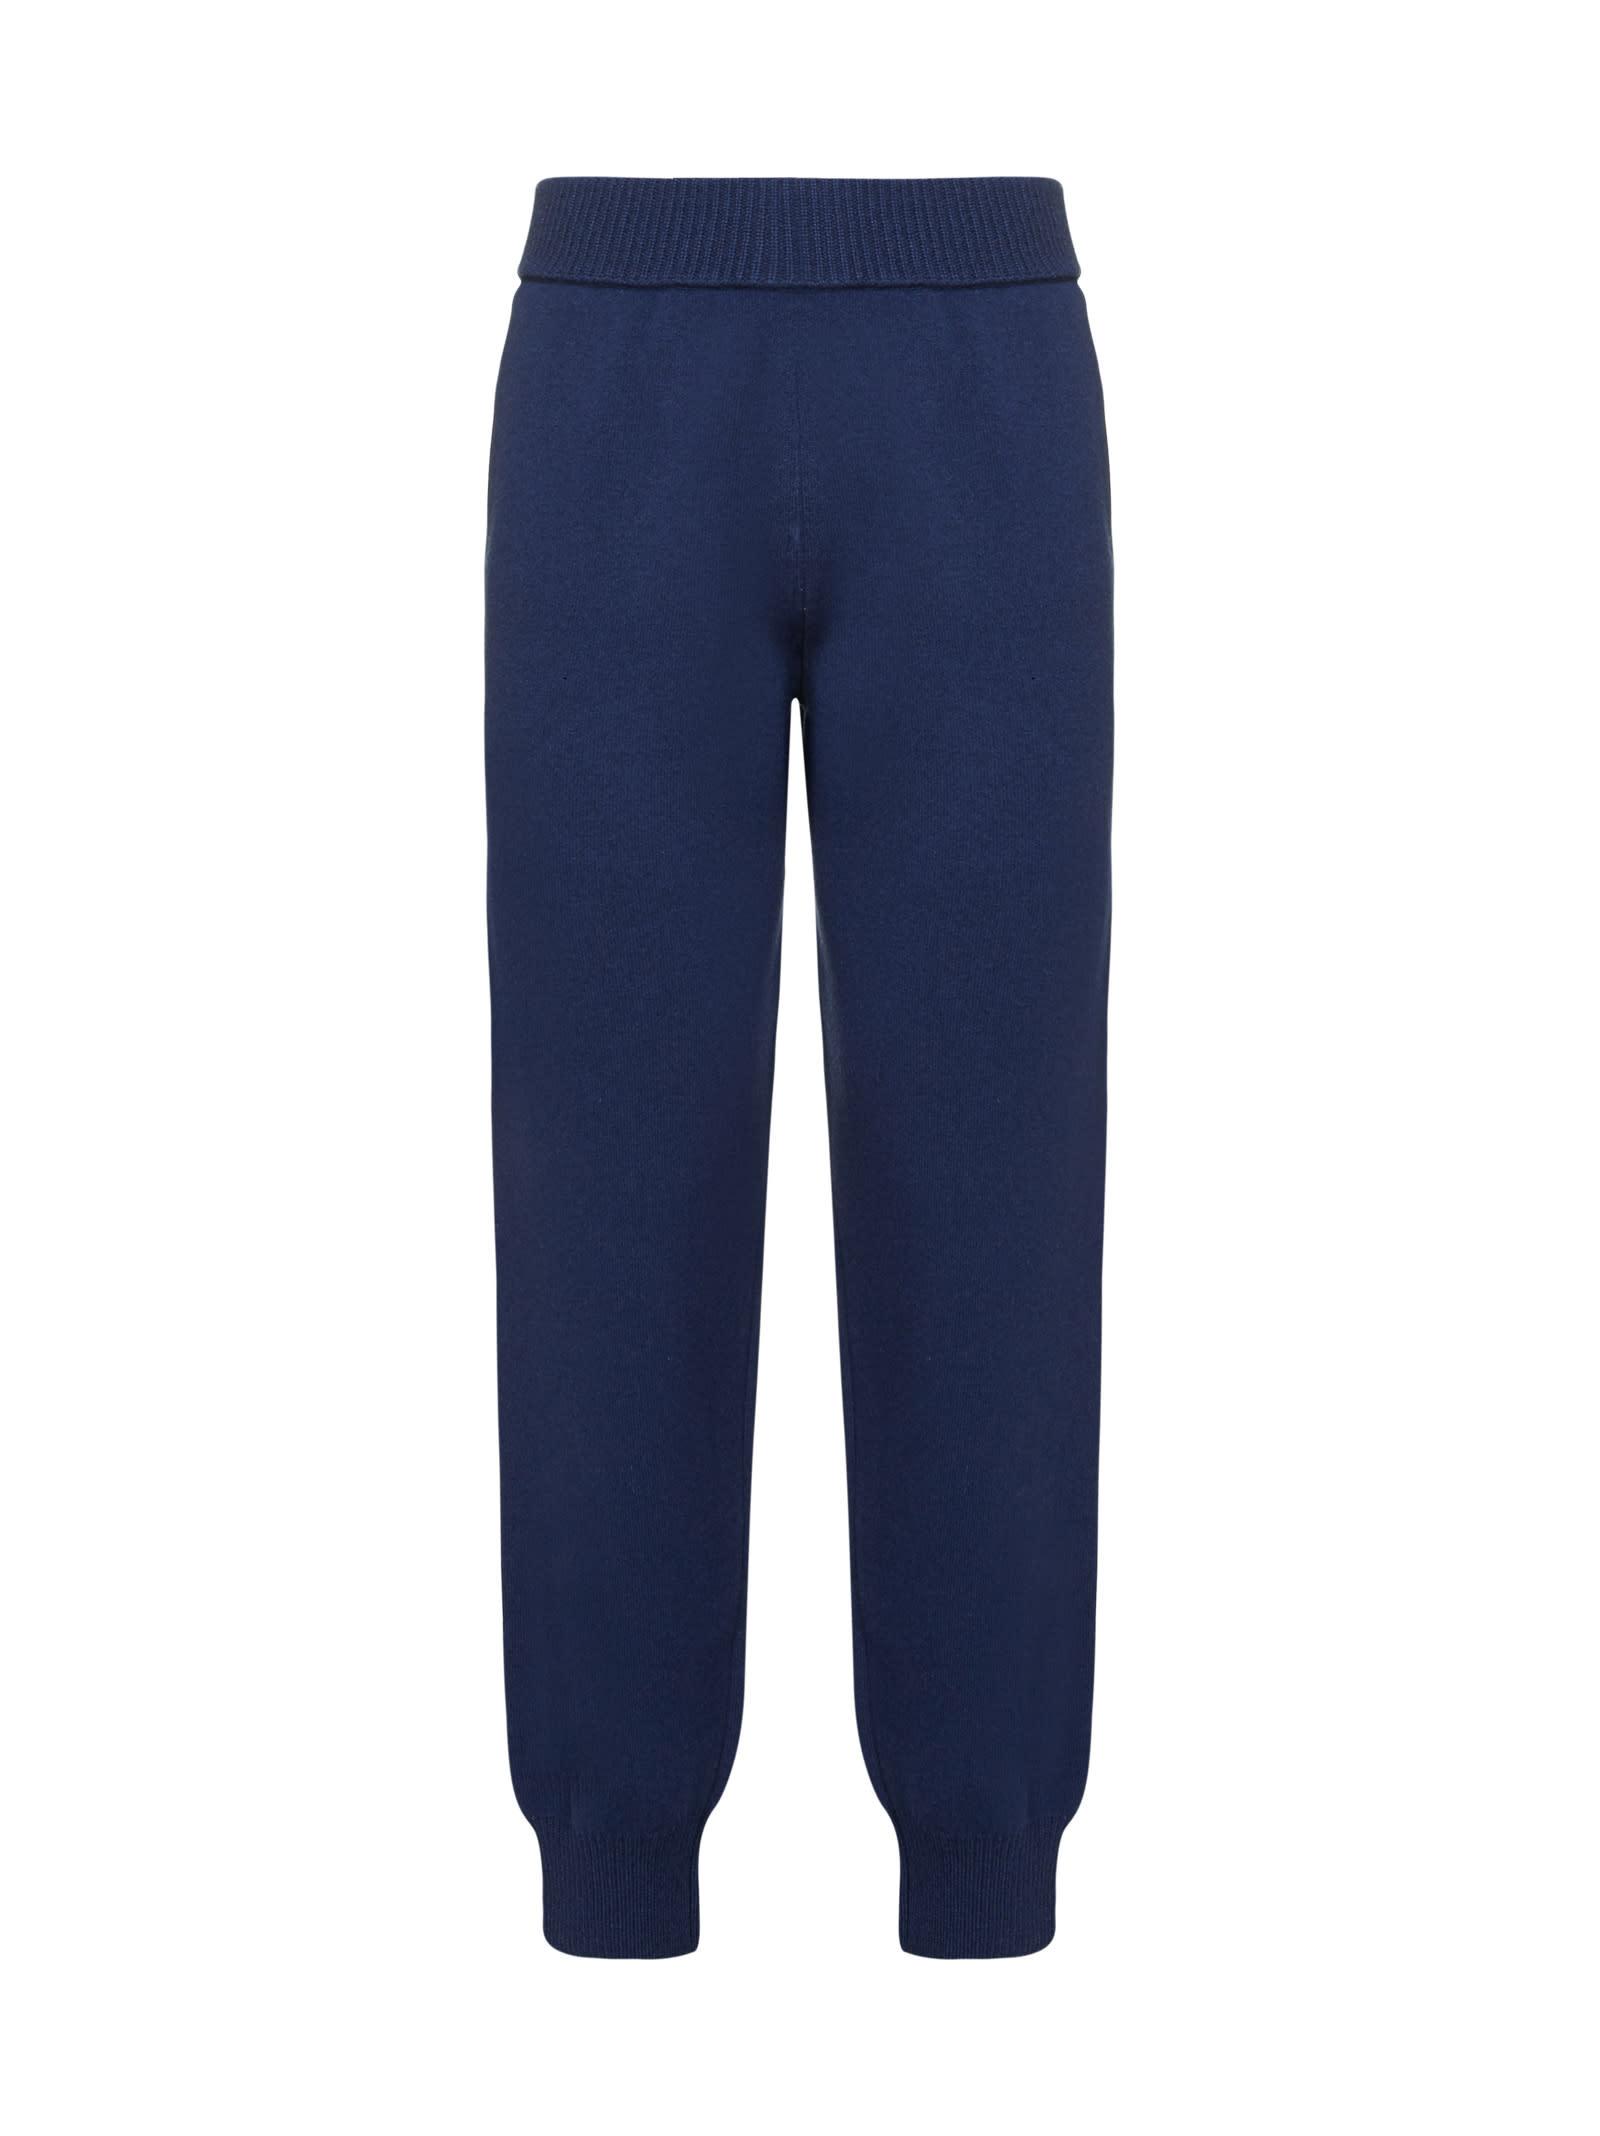 Lanvin Pants In Medium Green Dark Blue